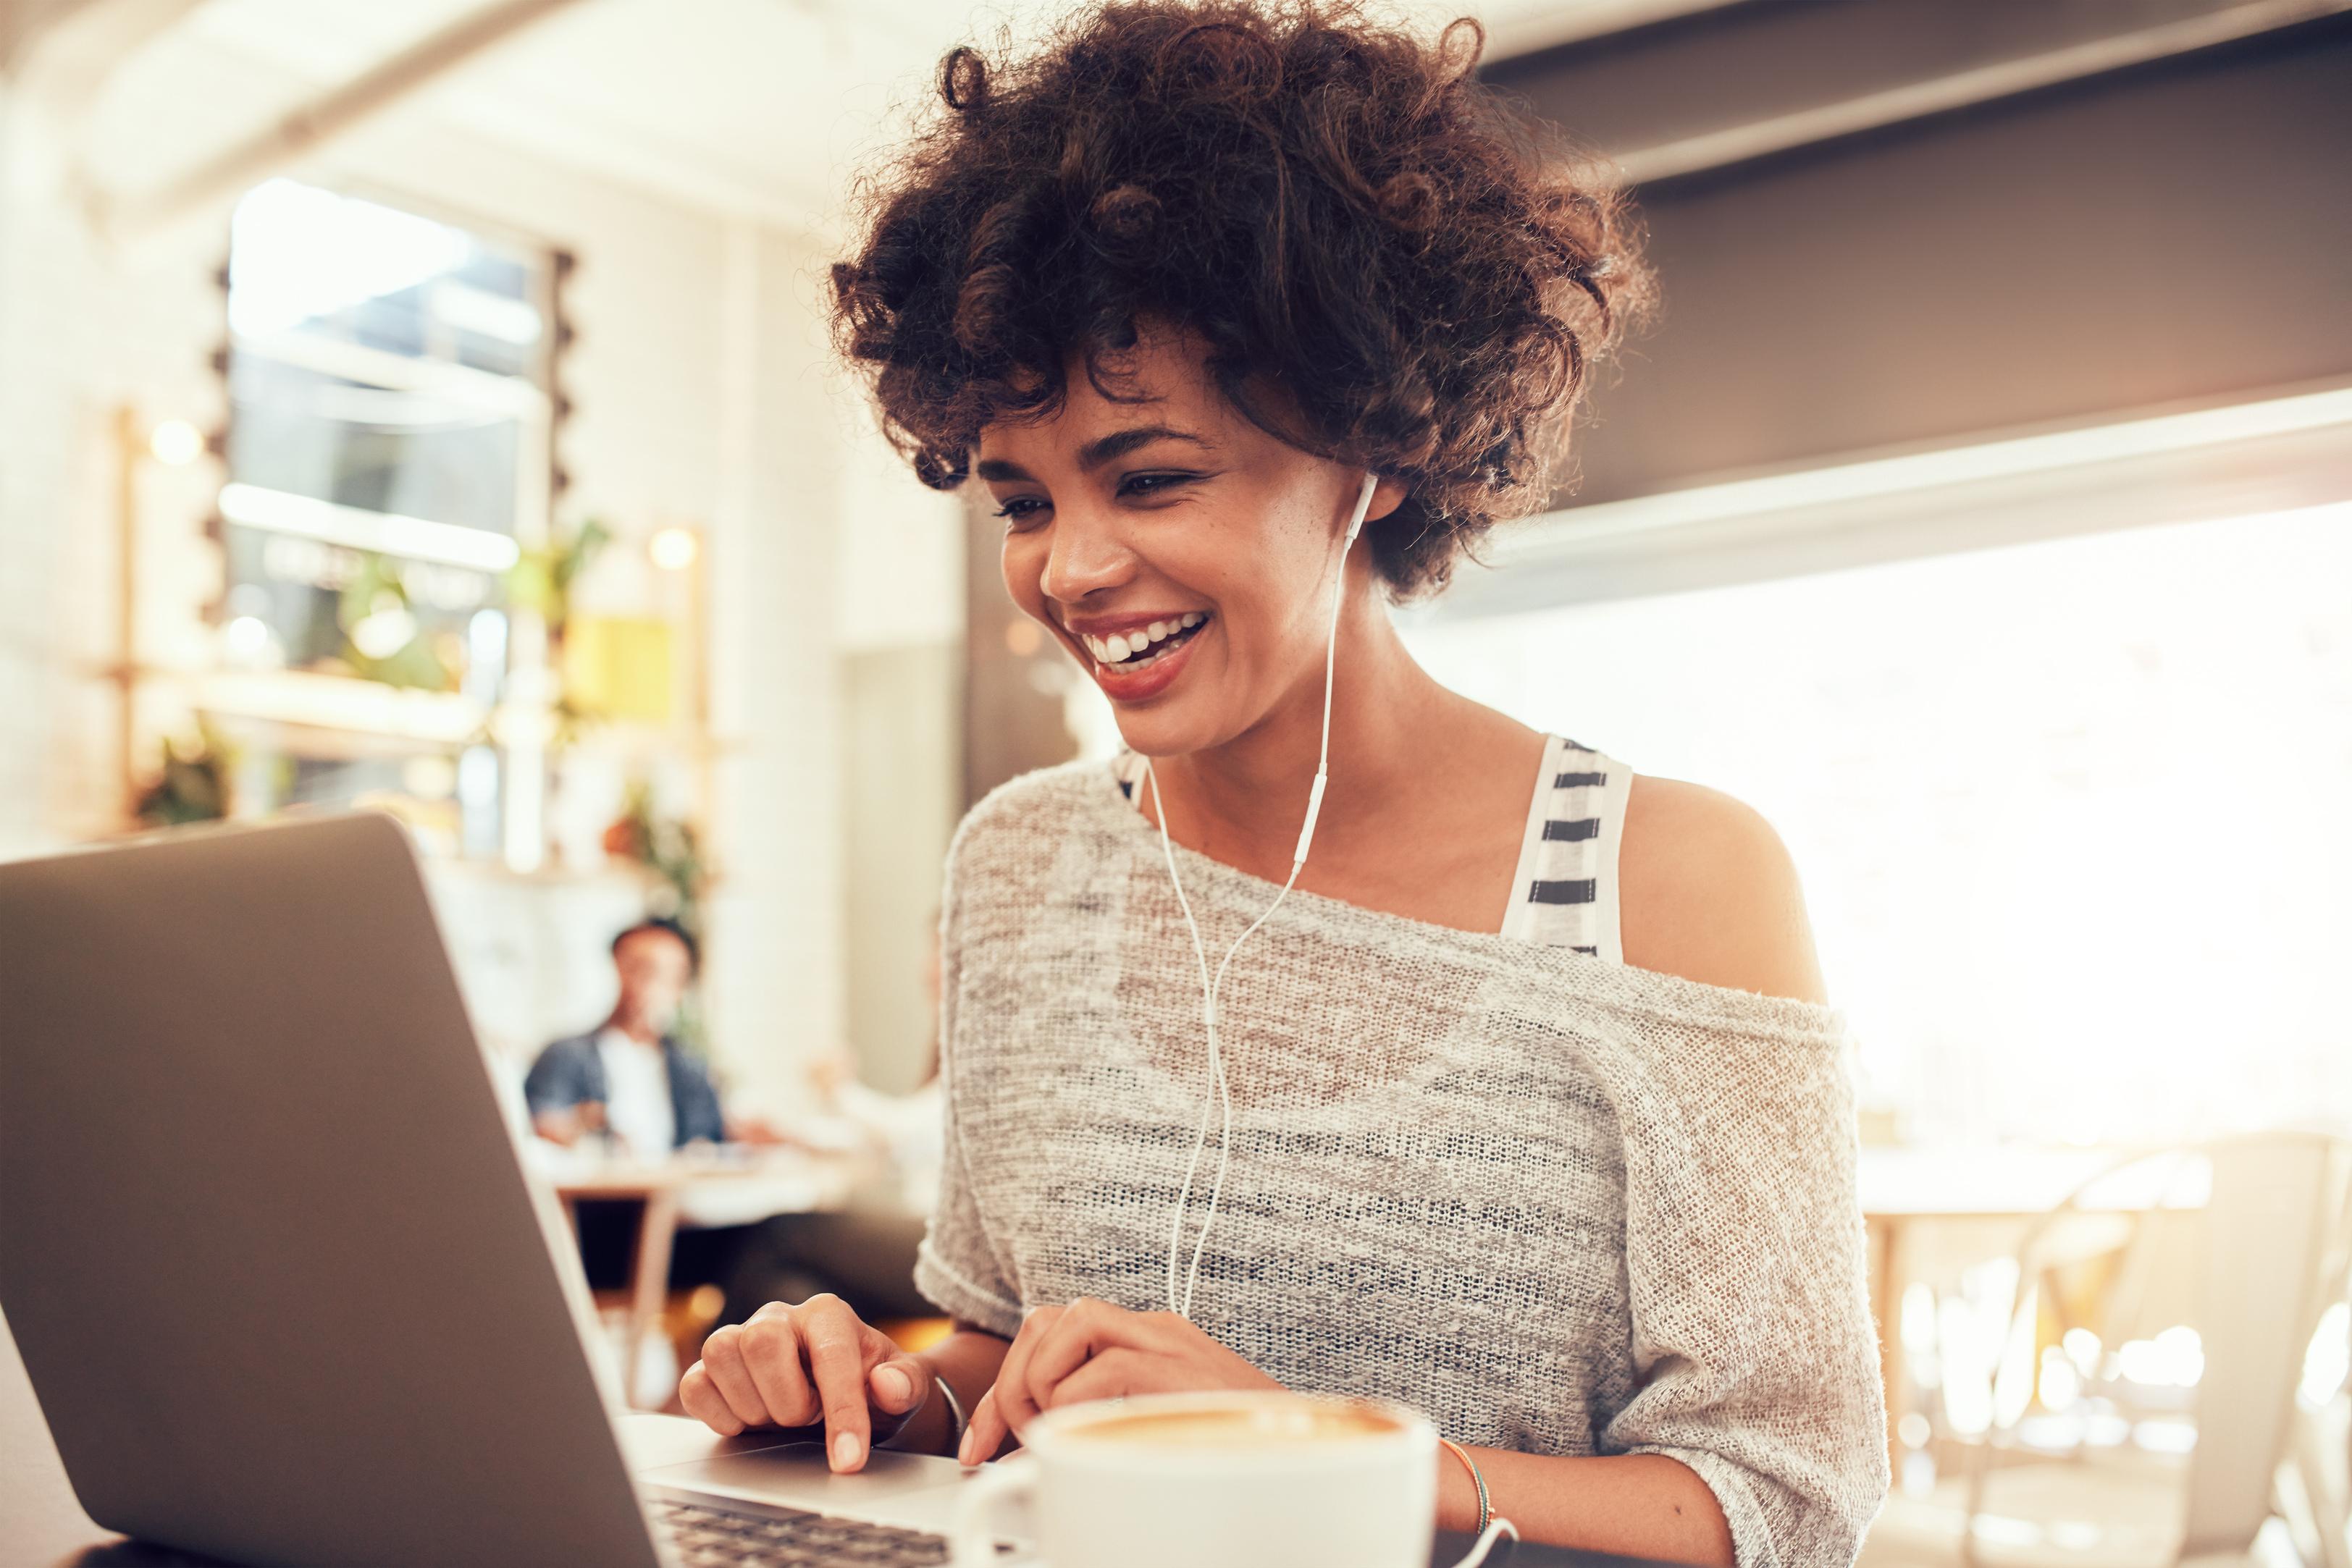 O que a felicidade no trabalho tem a ver com iniciativas de bem-estar